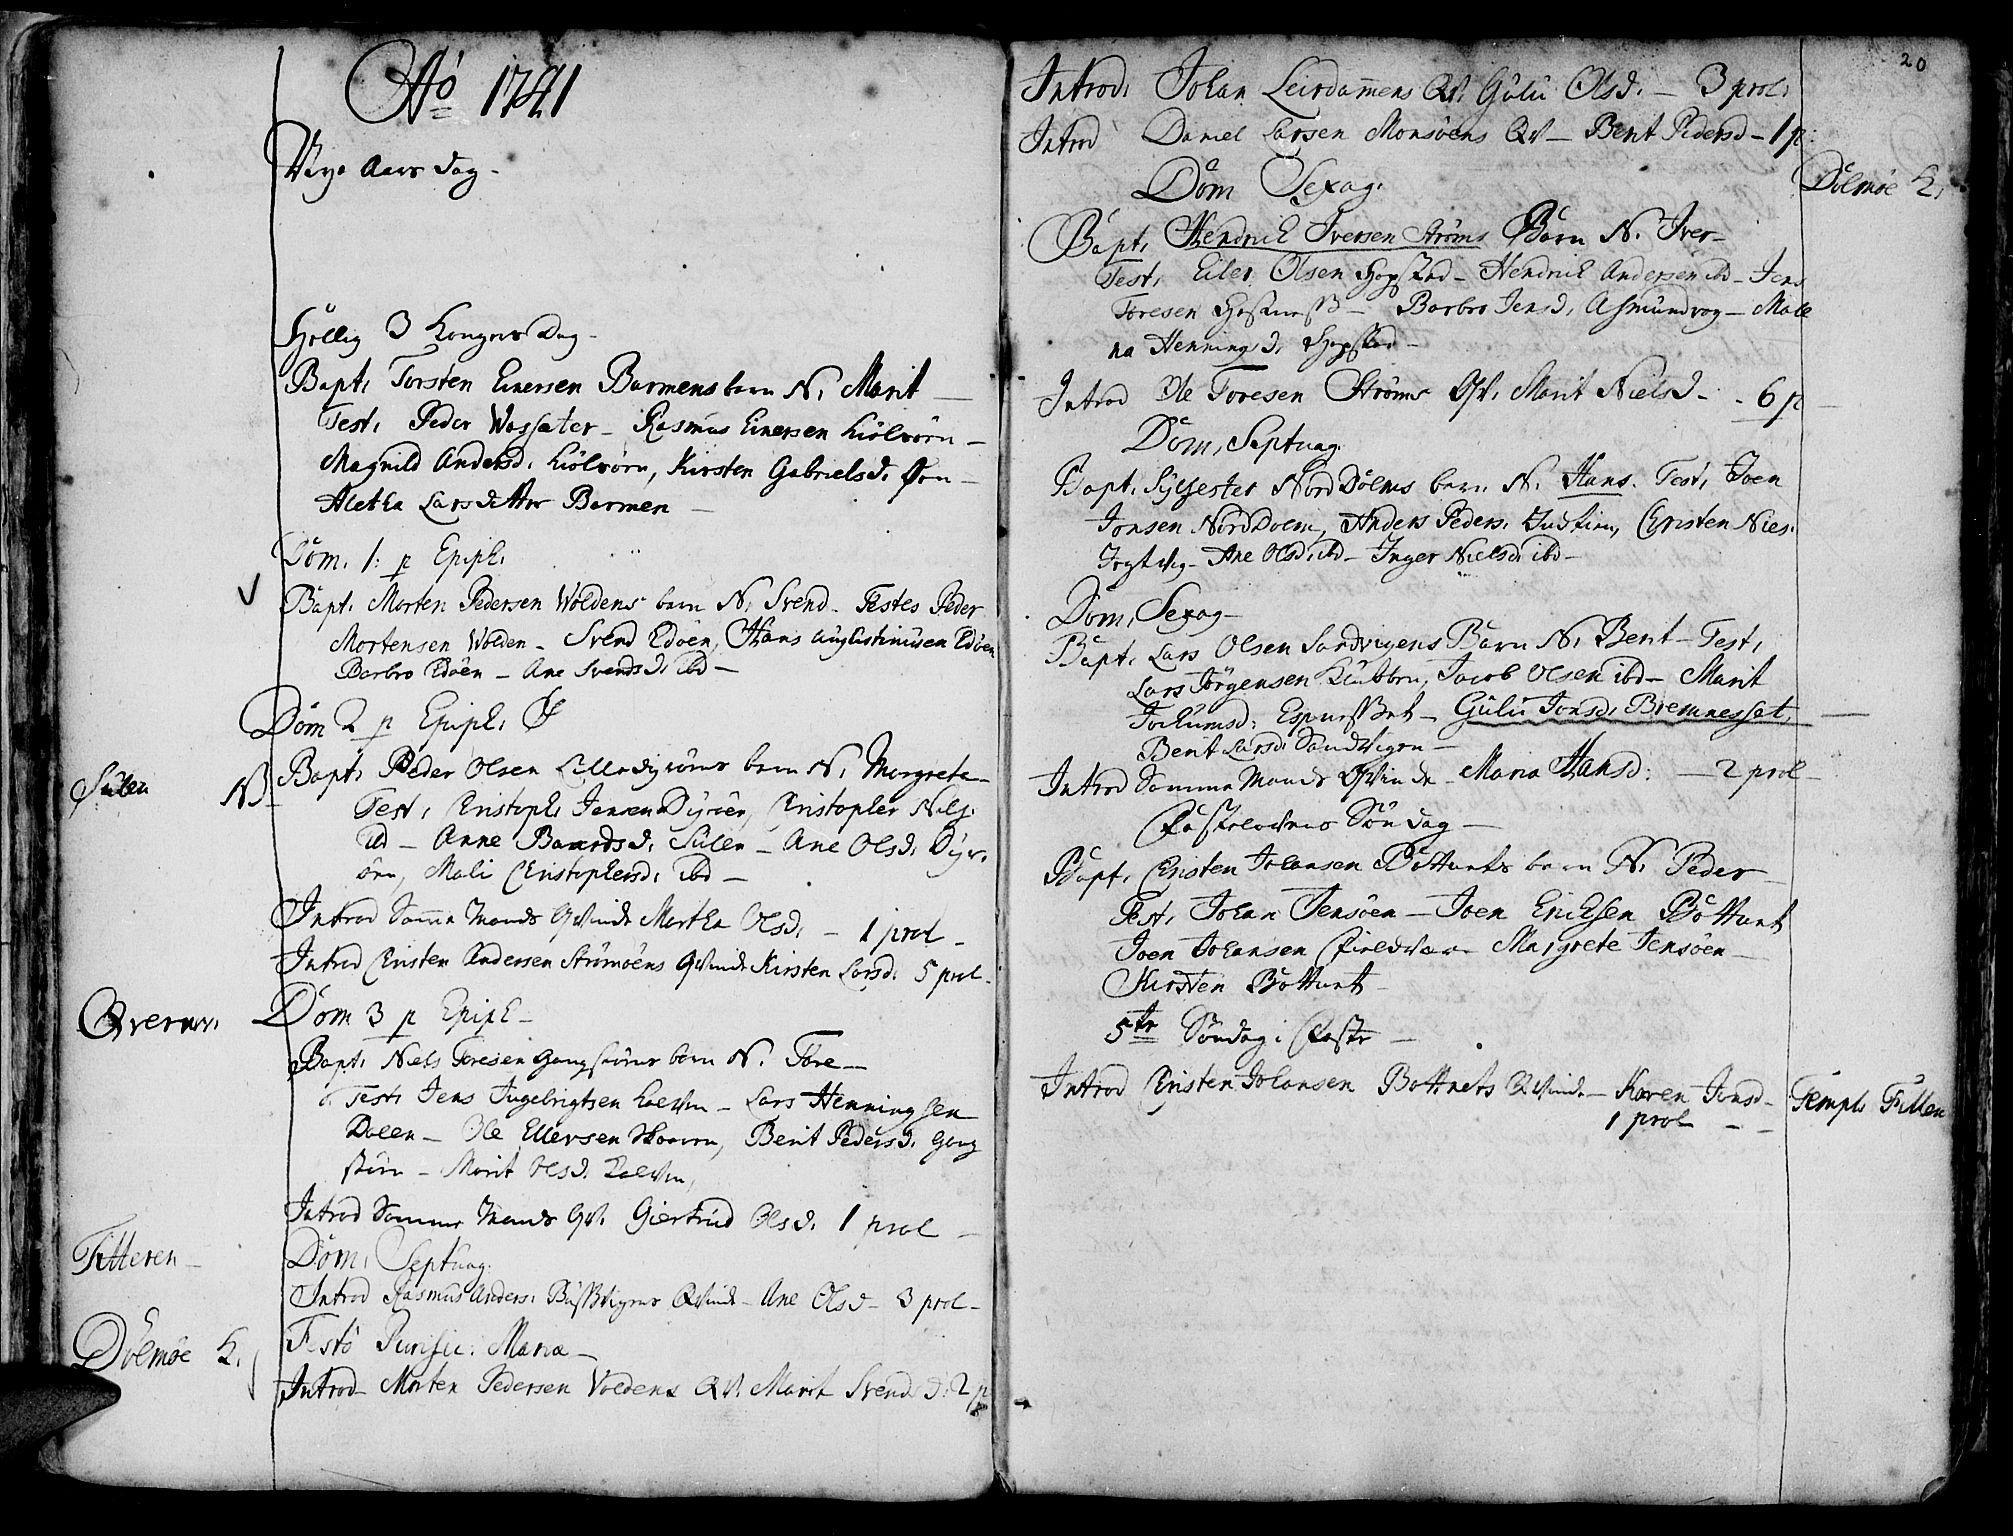 SAT, Ministerialprotokoller, klokkerbøker og fødselsregistre - Sør-Trøndelag, 634/L0525: Ministerialbok nr. 634A01, 1736-1775, s. 20